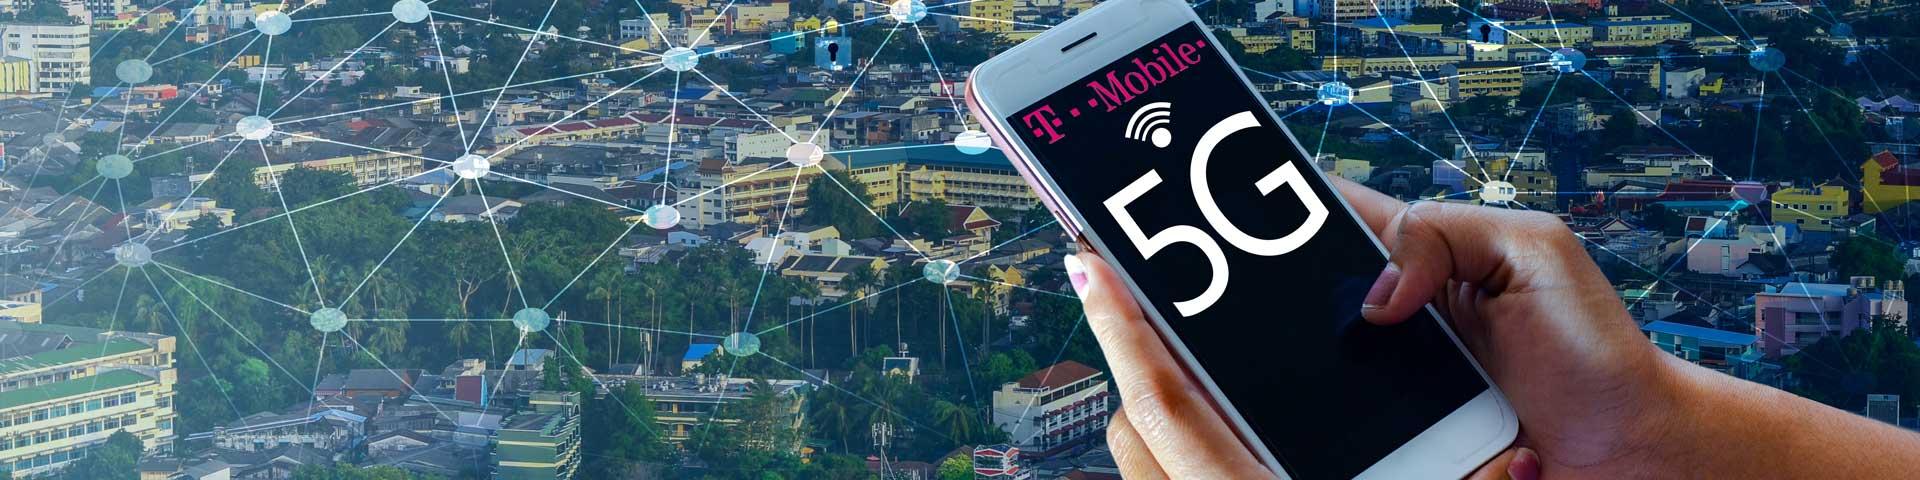 T Mobile landelijk 5G